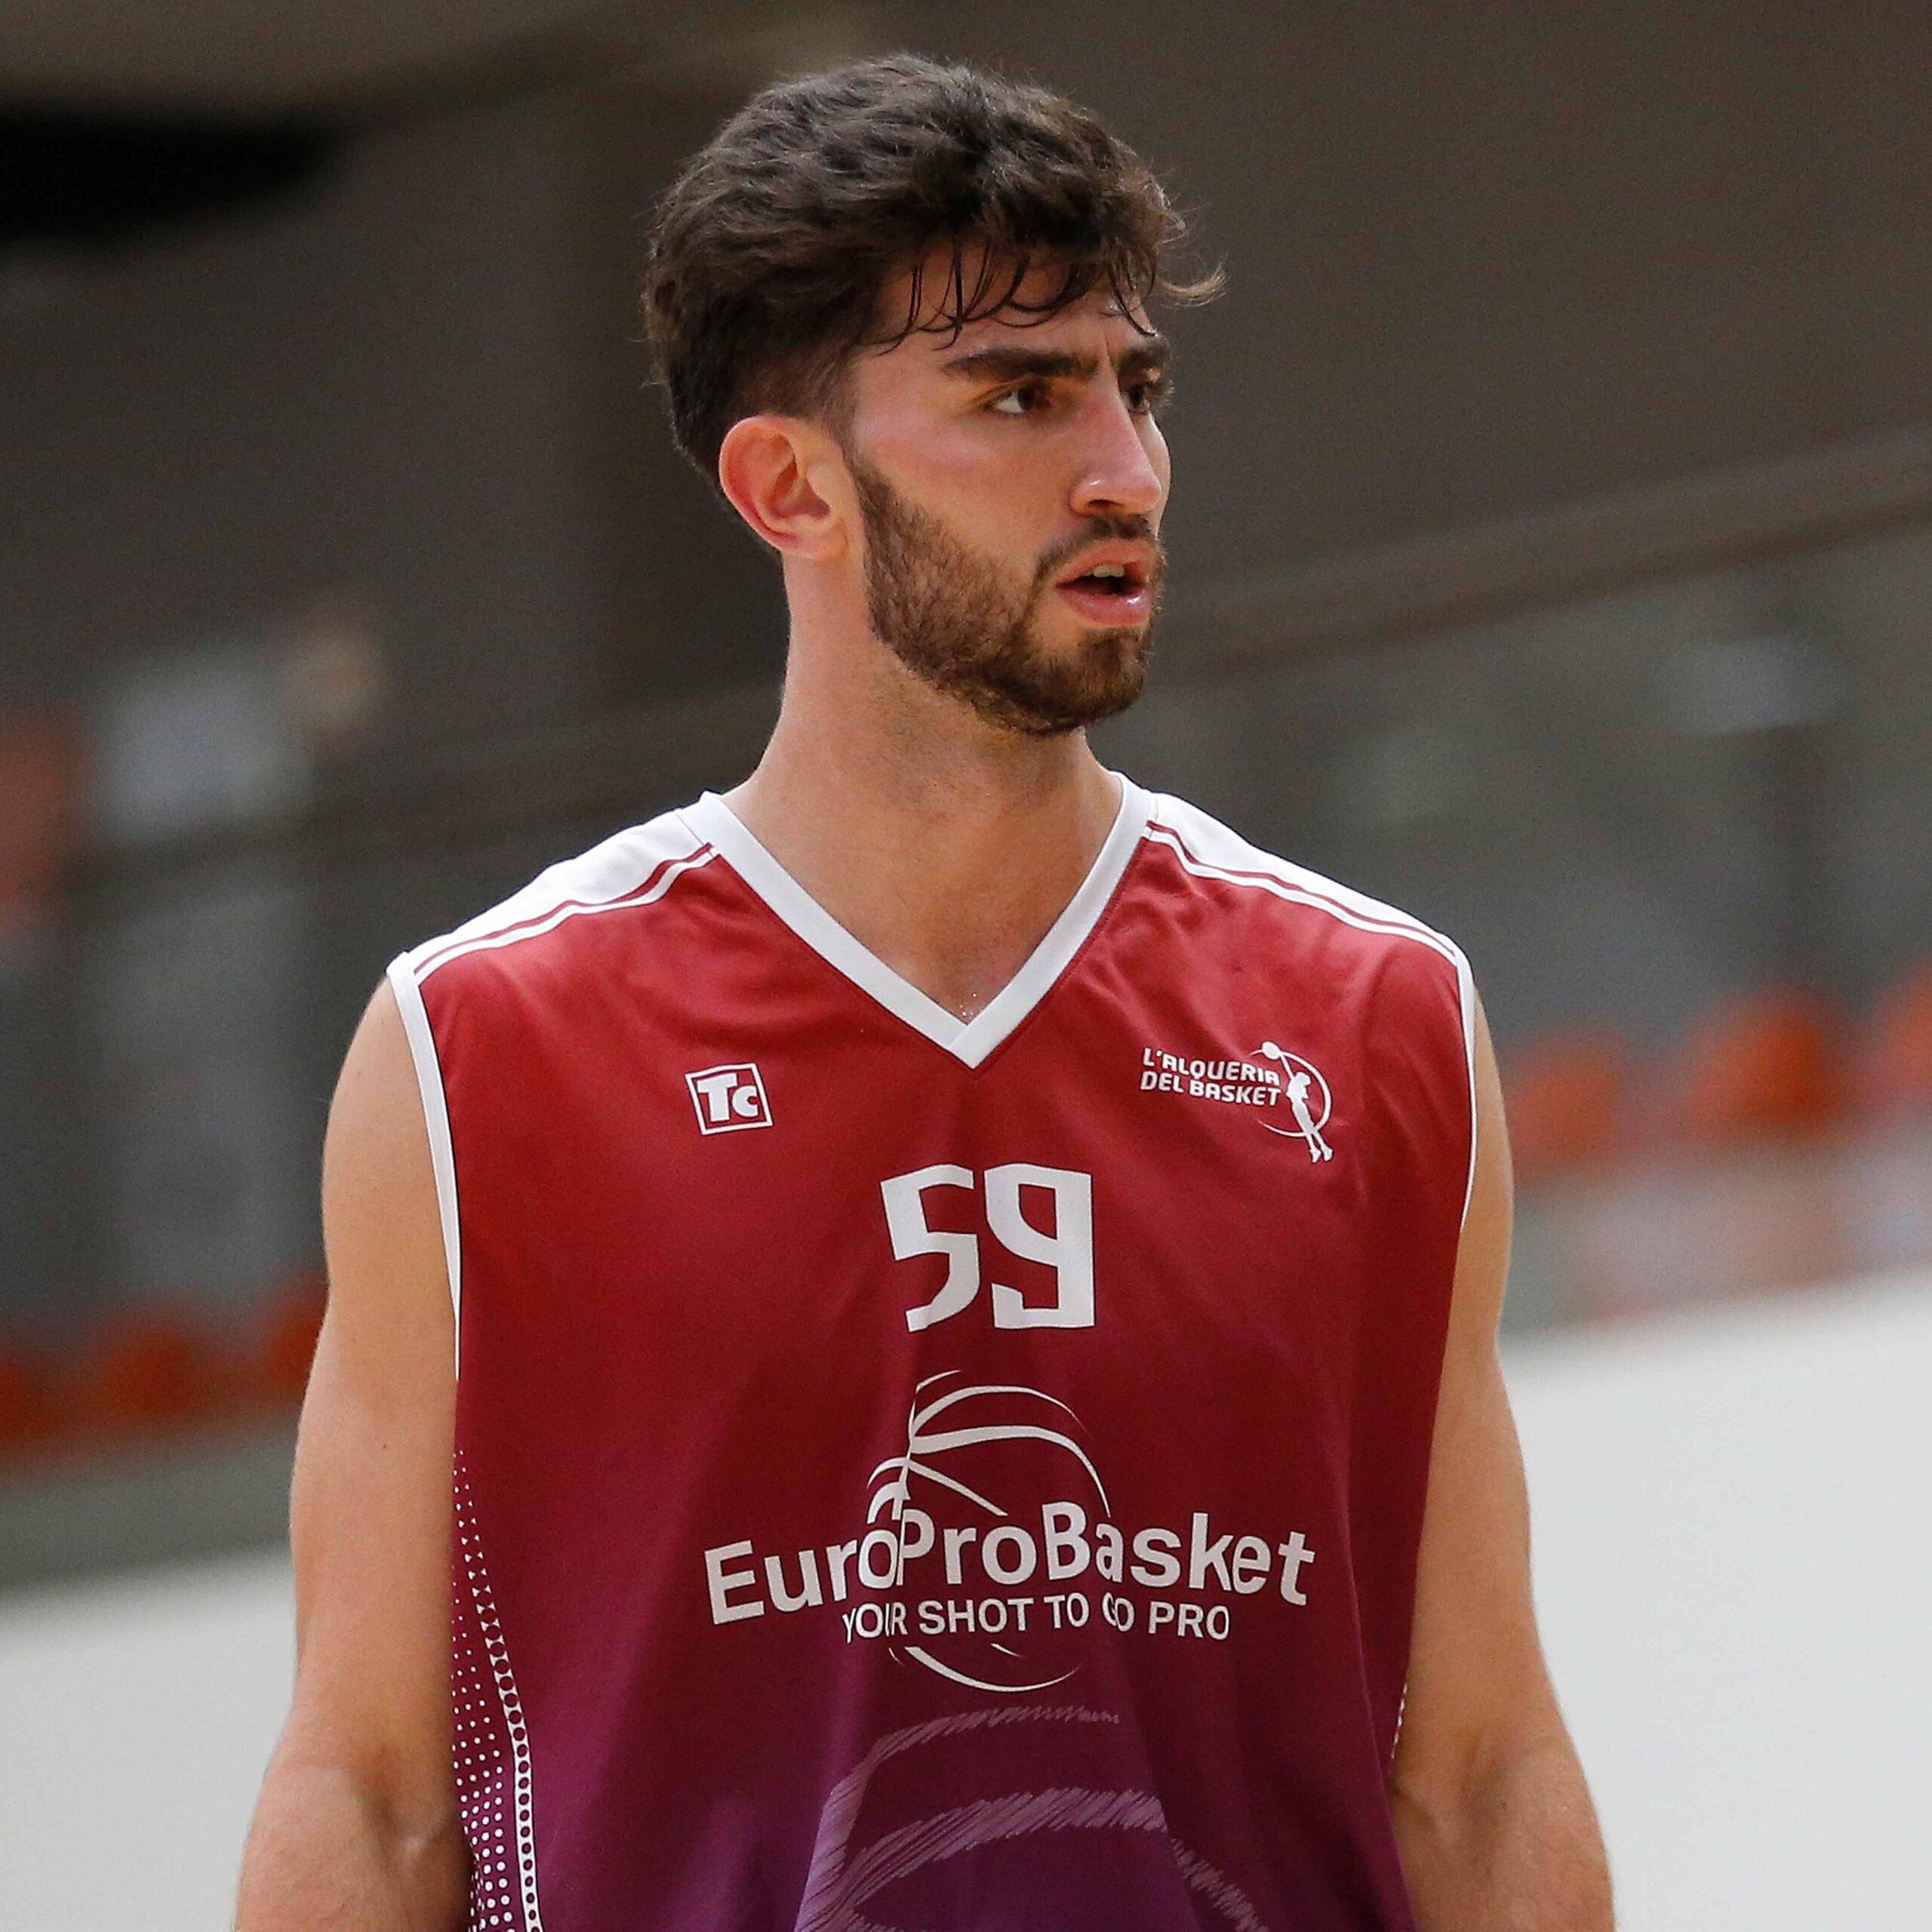 Europrobasket Erkam Kiris Basketball